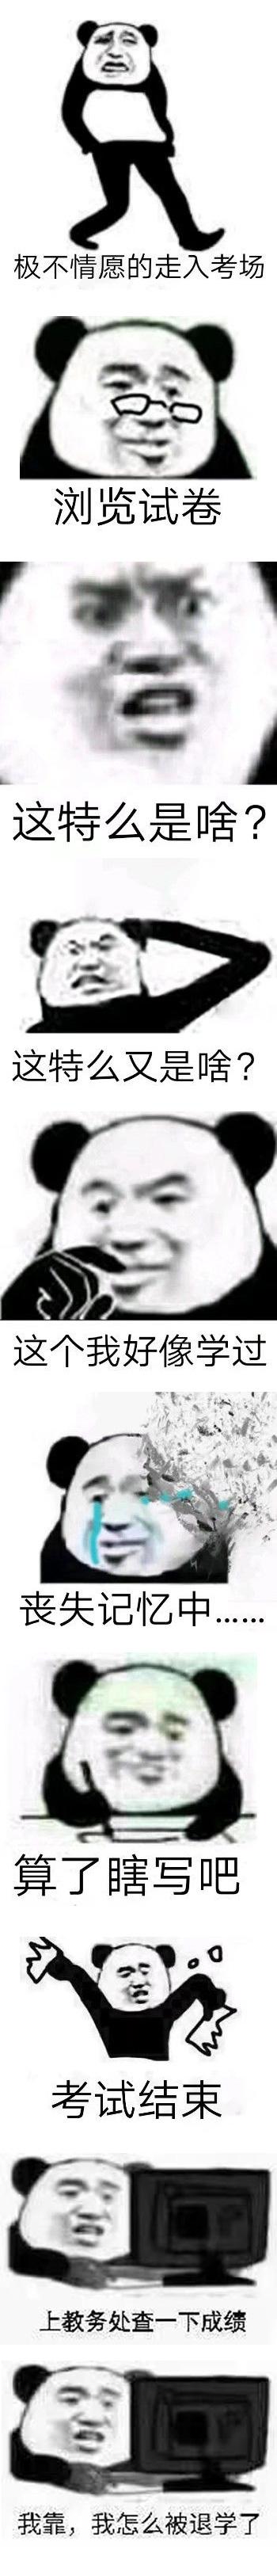 考试系列_长图_这TM考的是啥